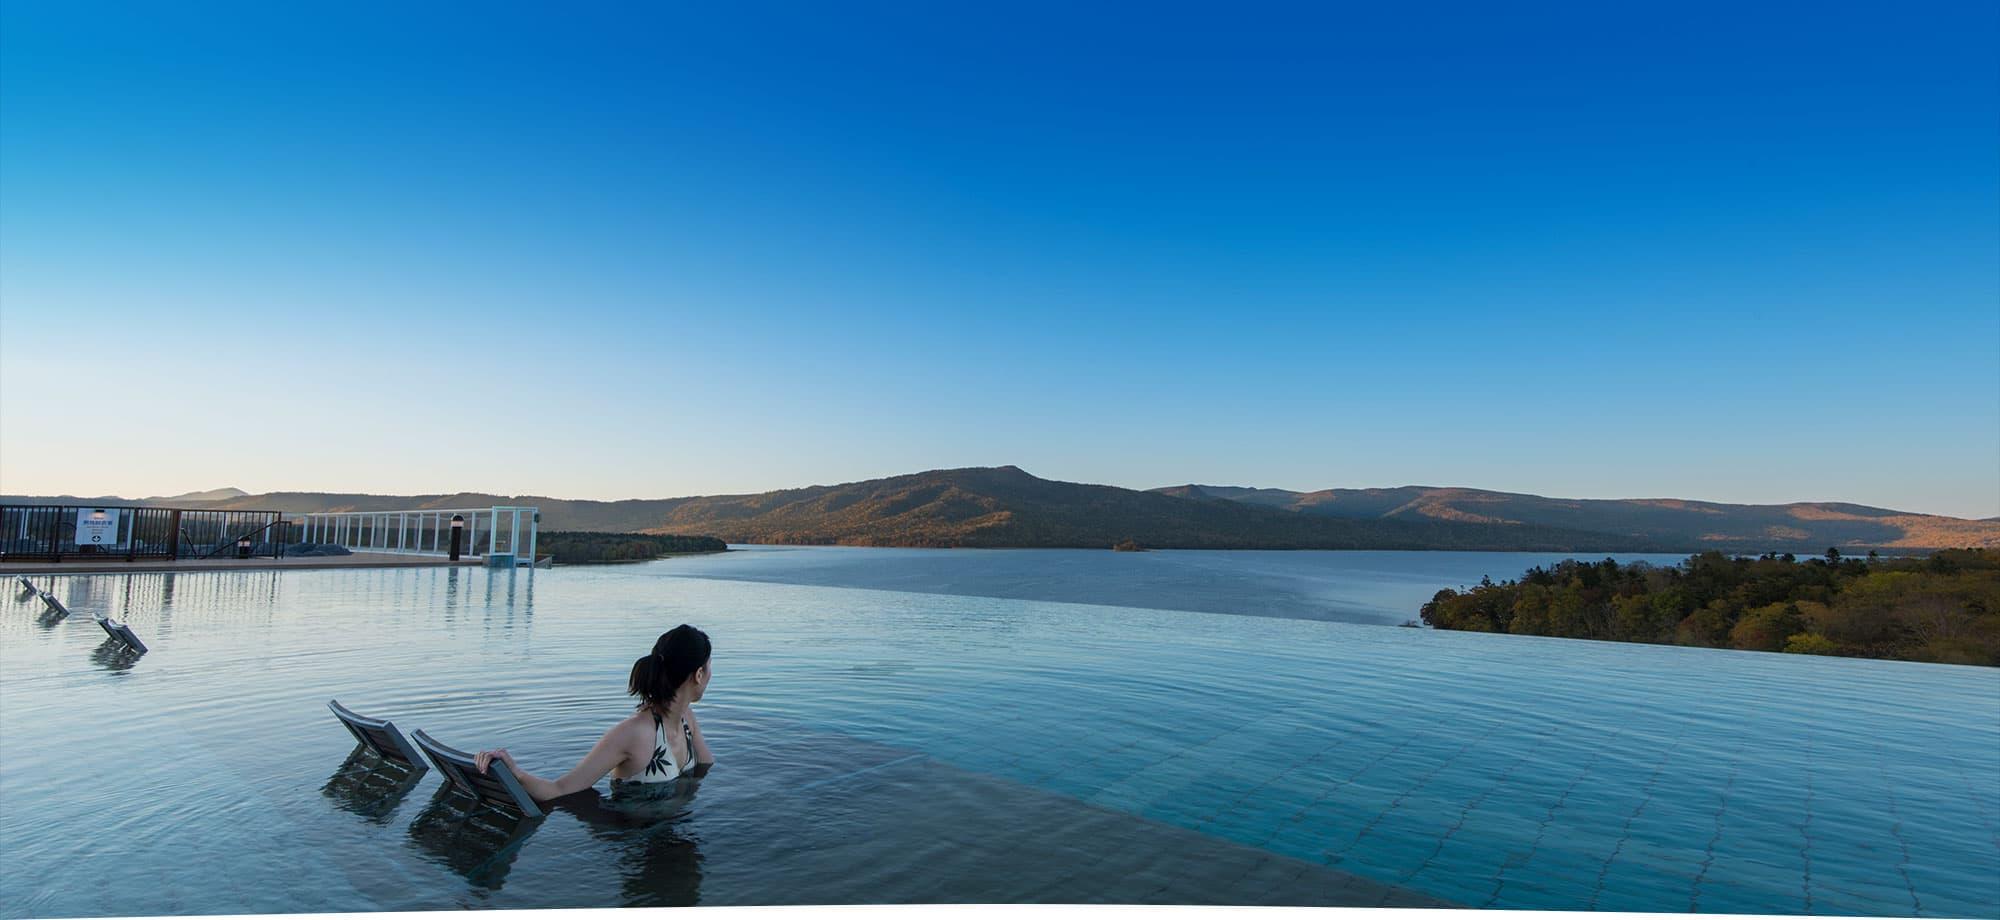 新阿寒酒店 与阿寒的大自然结合为一体 森林与湖畔的度假村